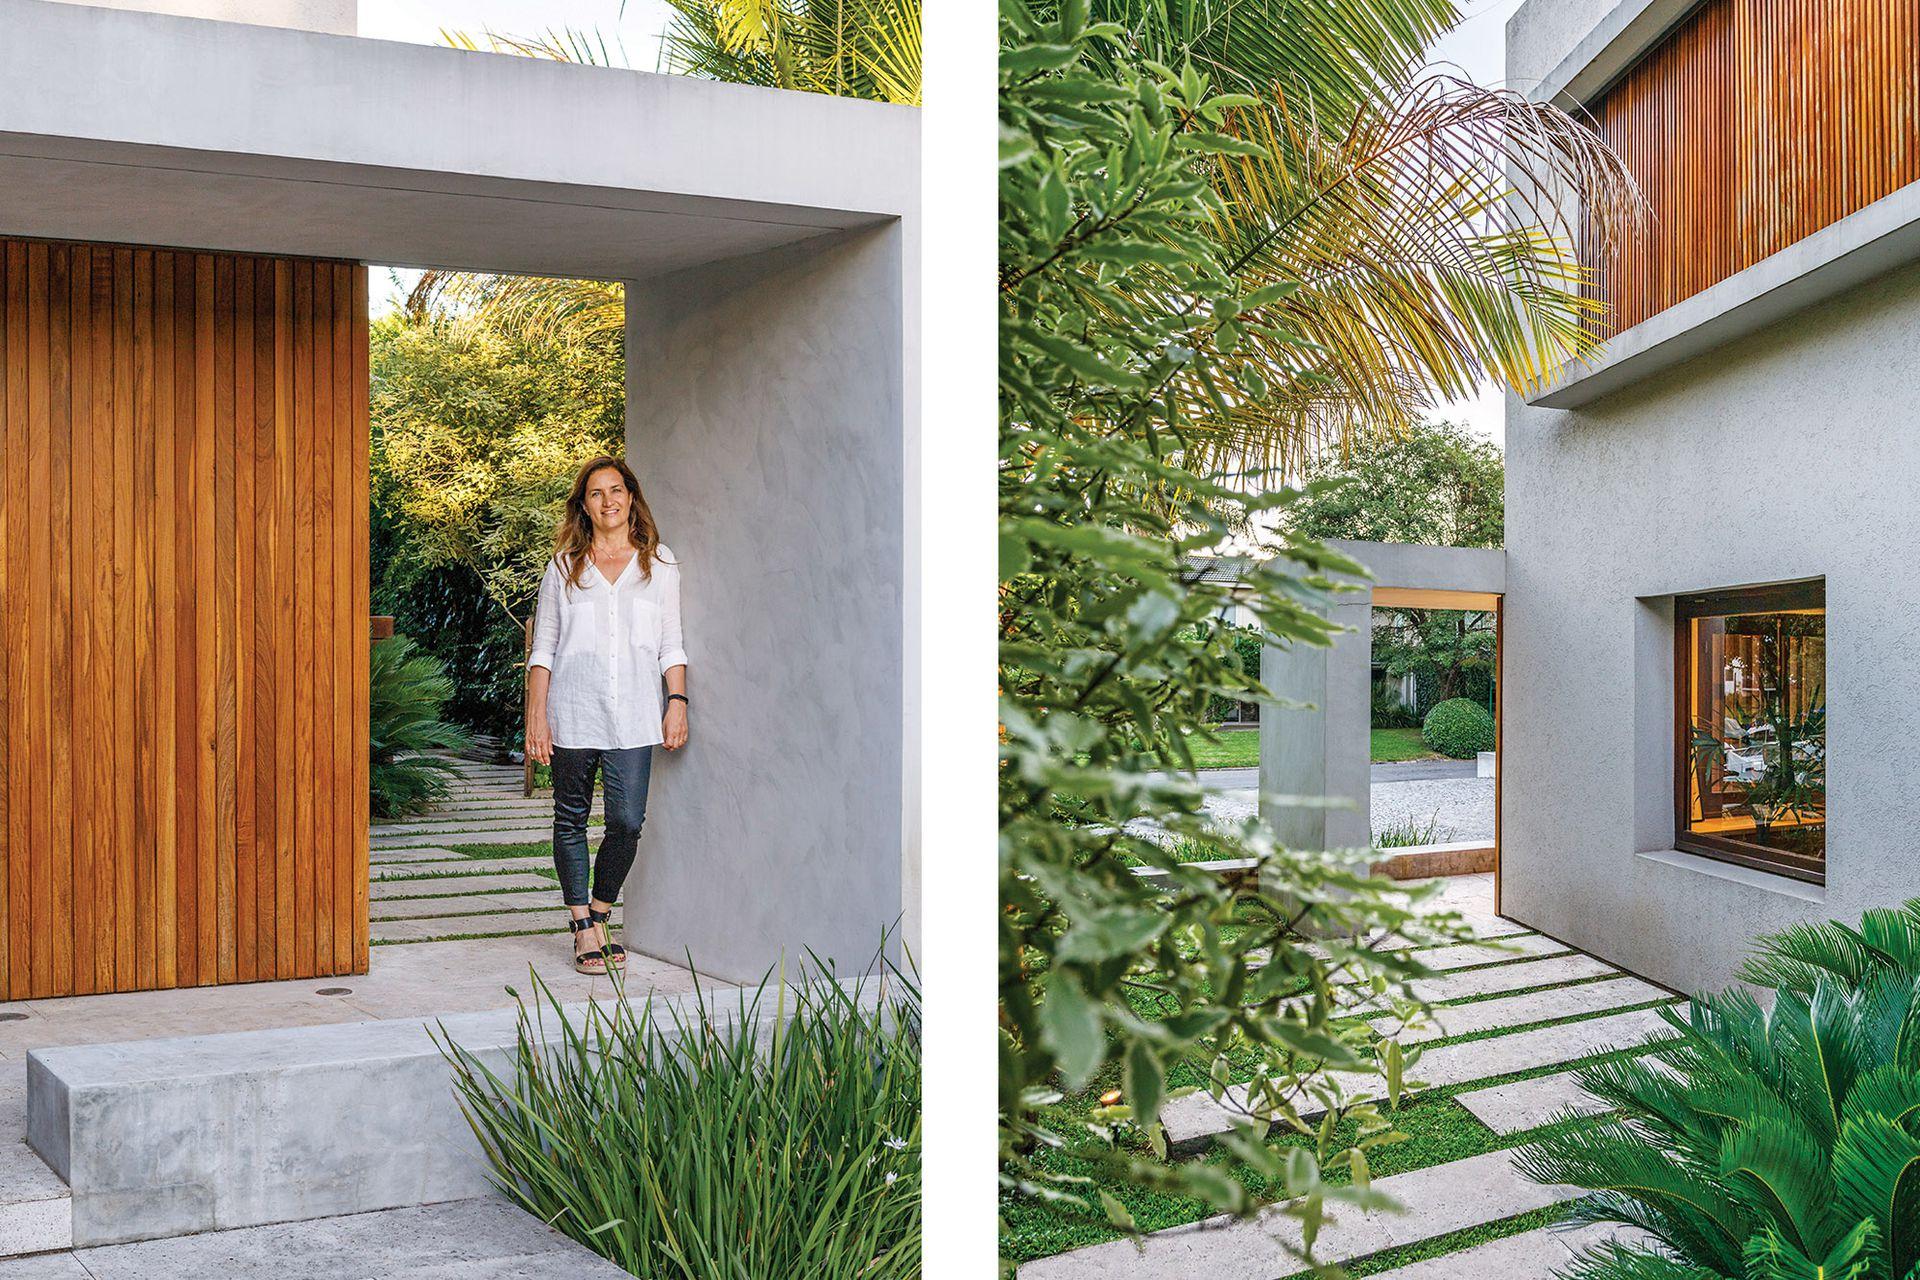 Carla Bechelli, retratada en el acceso a su casa, ese punto de contacto entre arquitectura y naturaleza. Postigos de varillas generan matices intermedios que tamizan la luz y hacen de segunda piel de la casa. La ventana corresponde al escritorio que se ve a continuación.